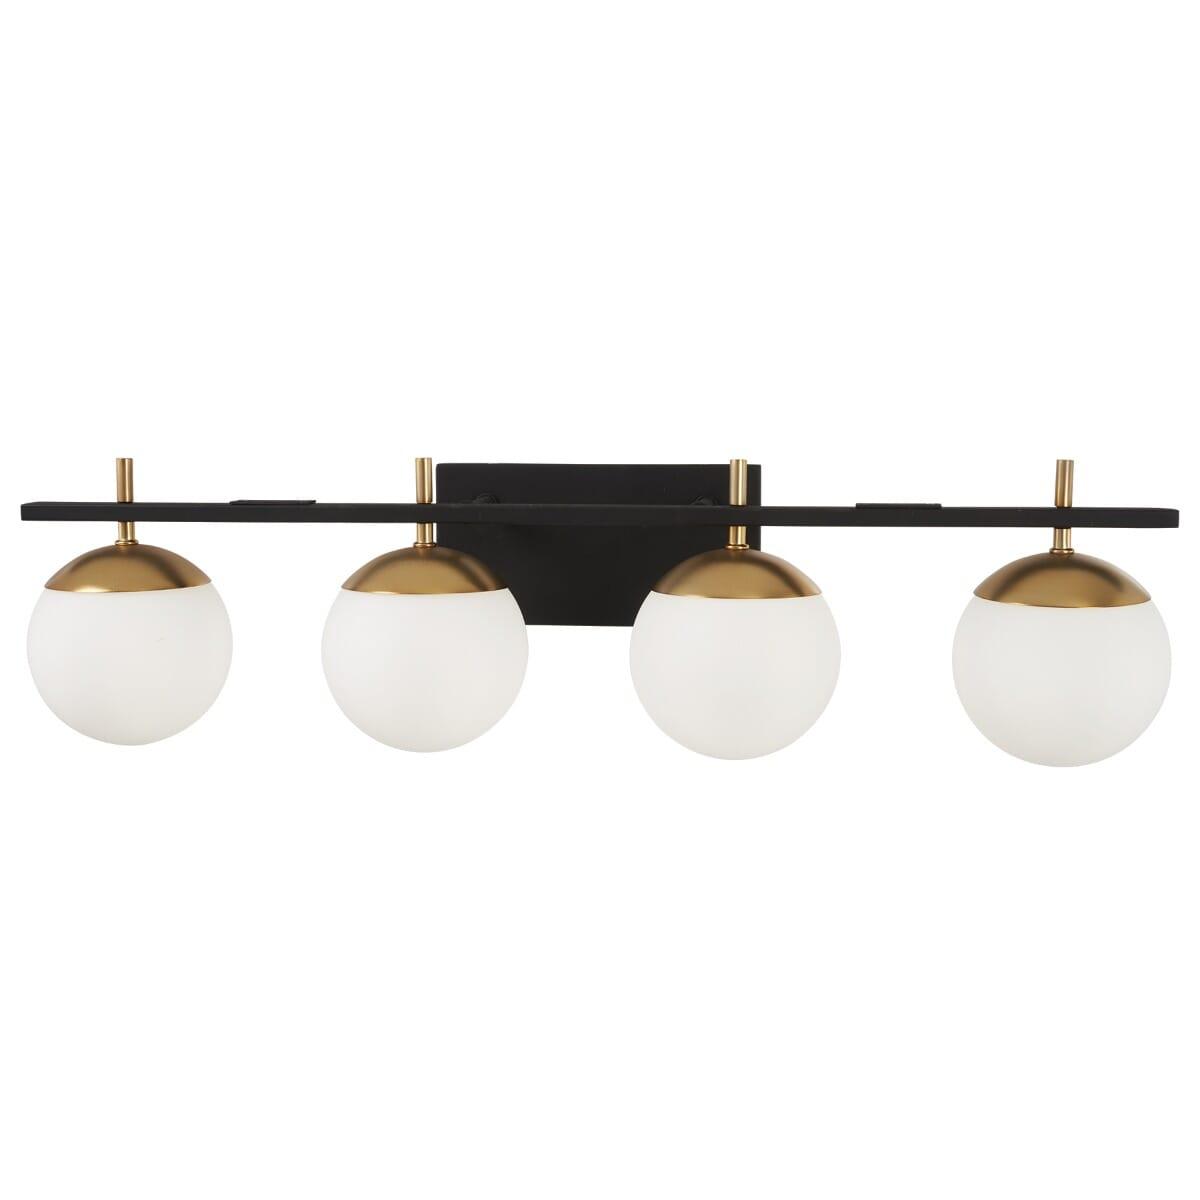 George Kovacs P1354 618 Alluria 4 Light Bathroom Vanity Light In Weathered Black 844349024484 Ebay